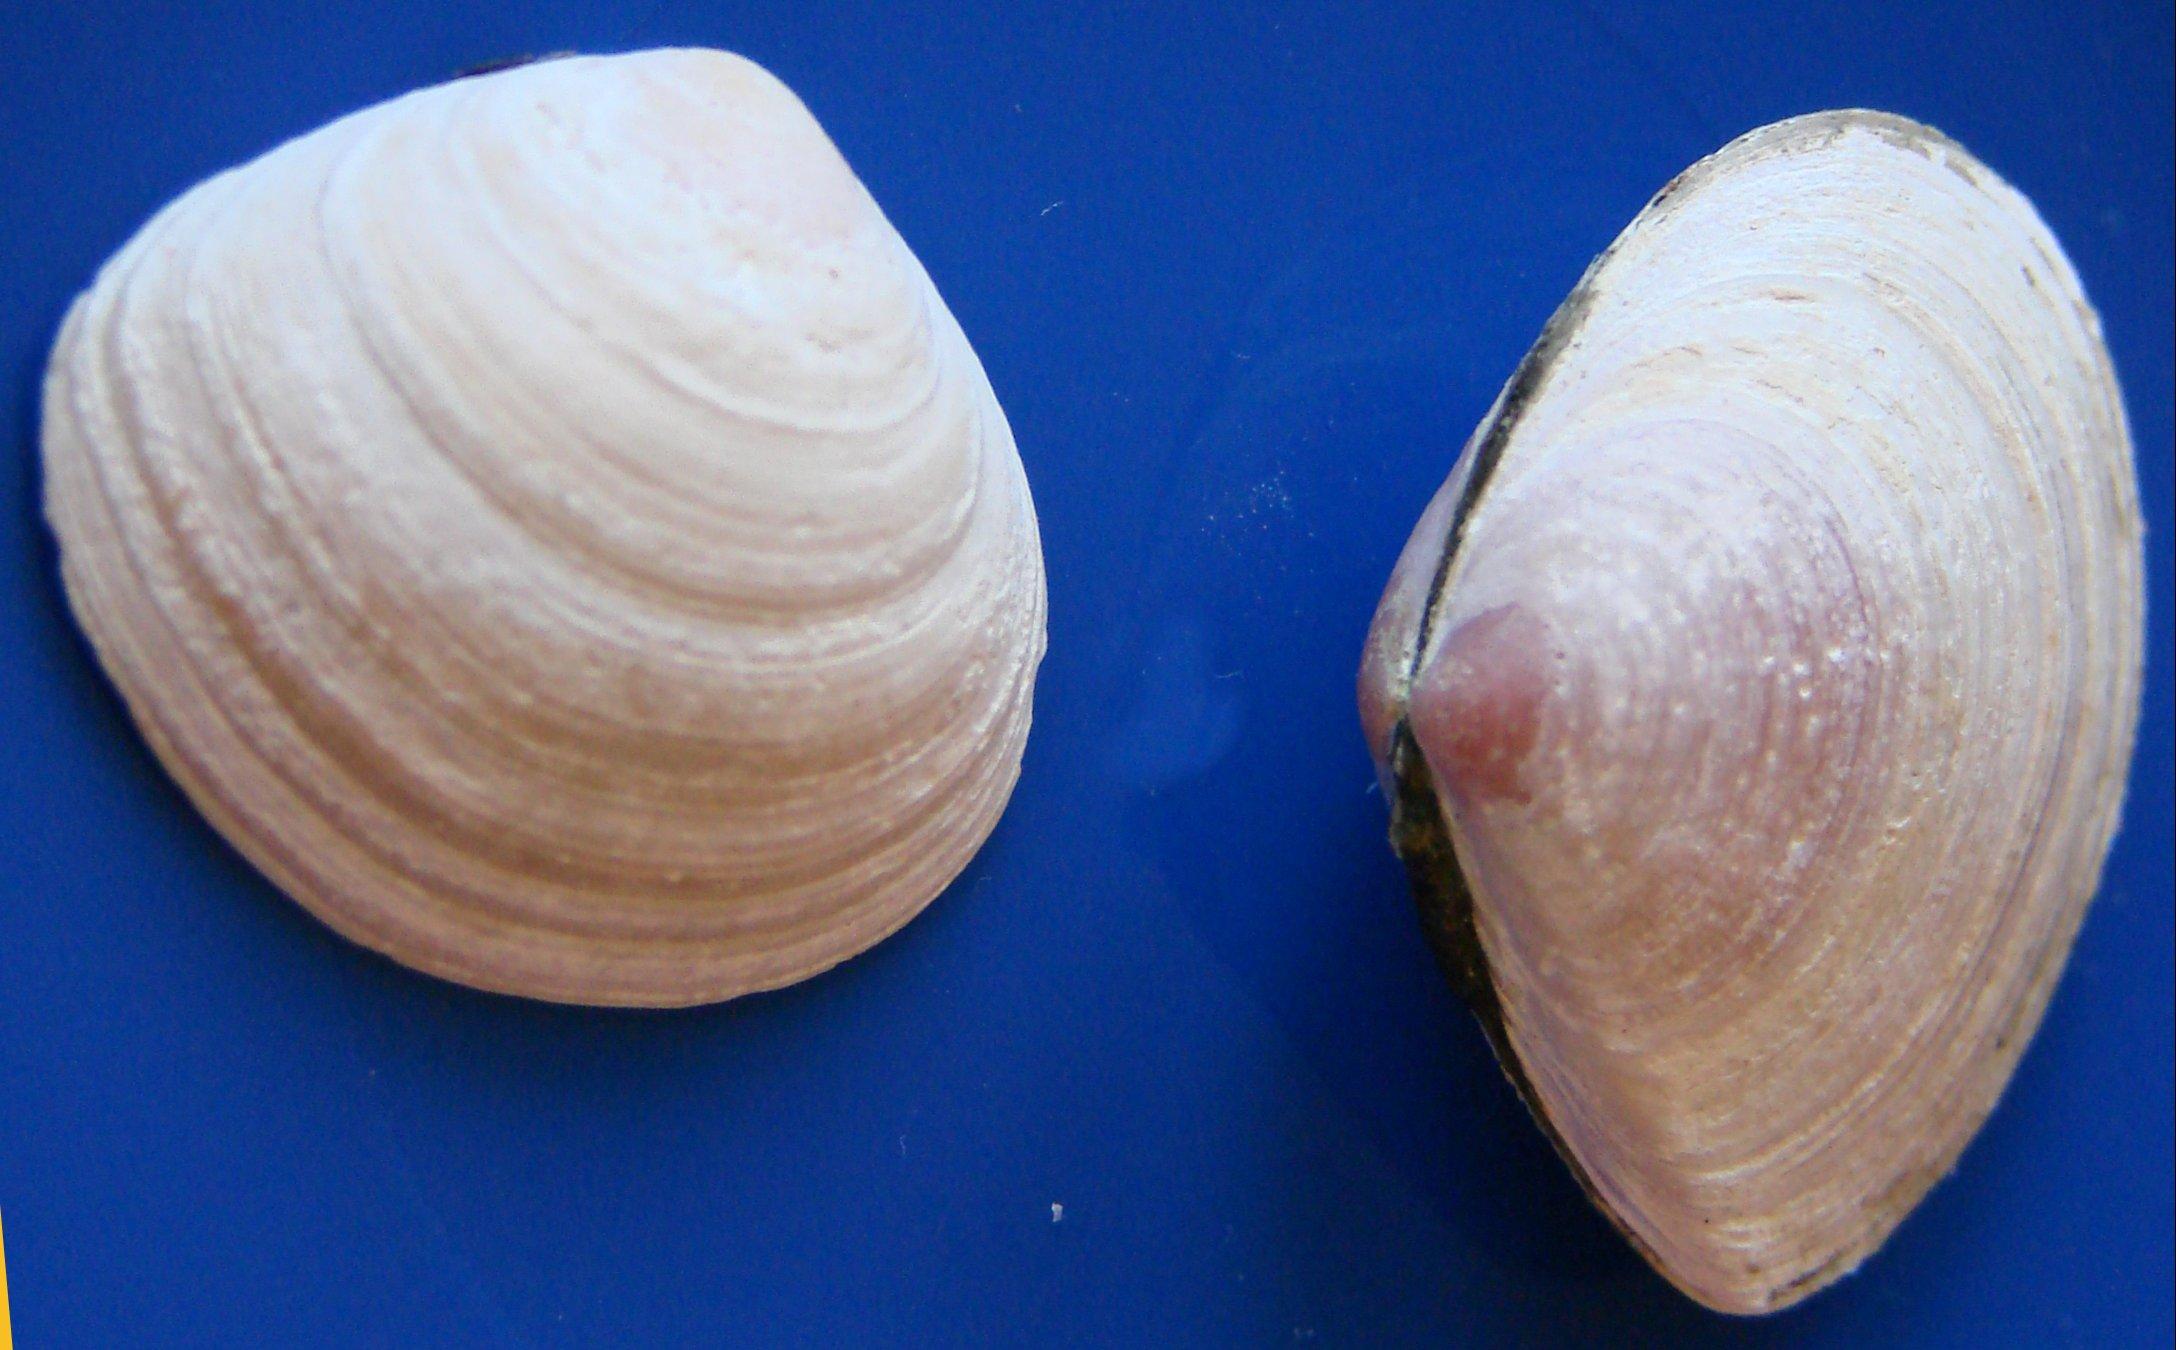 Rogowiec bałtycki to małż z rodziny rogowcowatych. Łatwo traci beżową warstwę konchiolinową i wtedy pod spodem ukazuje się warstwa wapienna, zwłaszcza w starszej części, zabarwiona na wiśniowy lub żółty kolor.